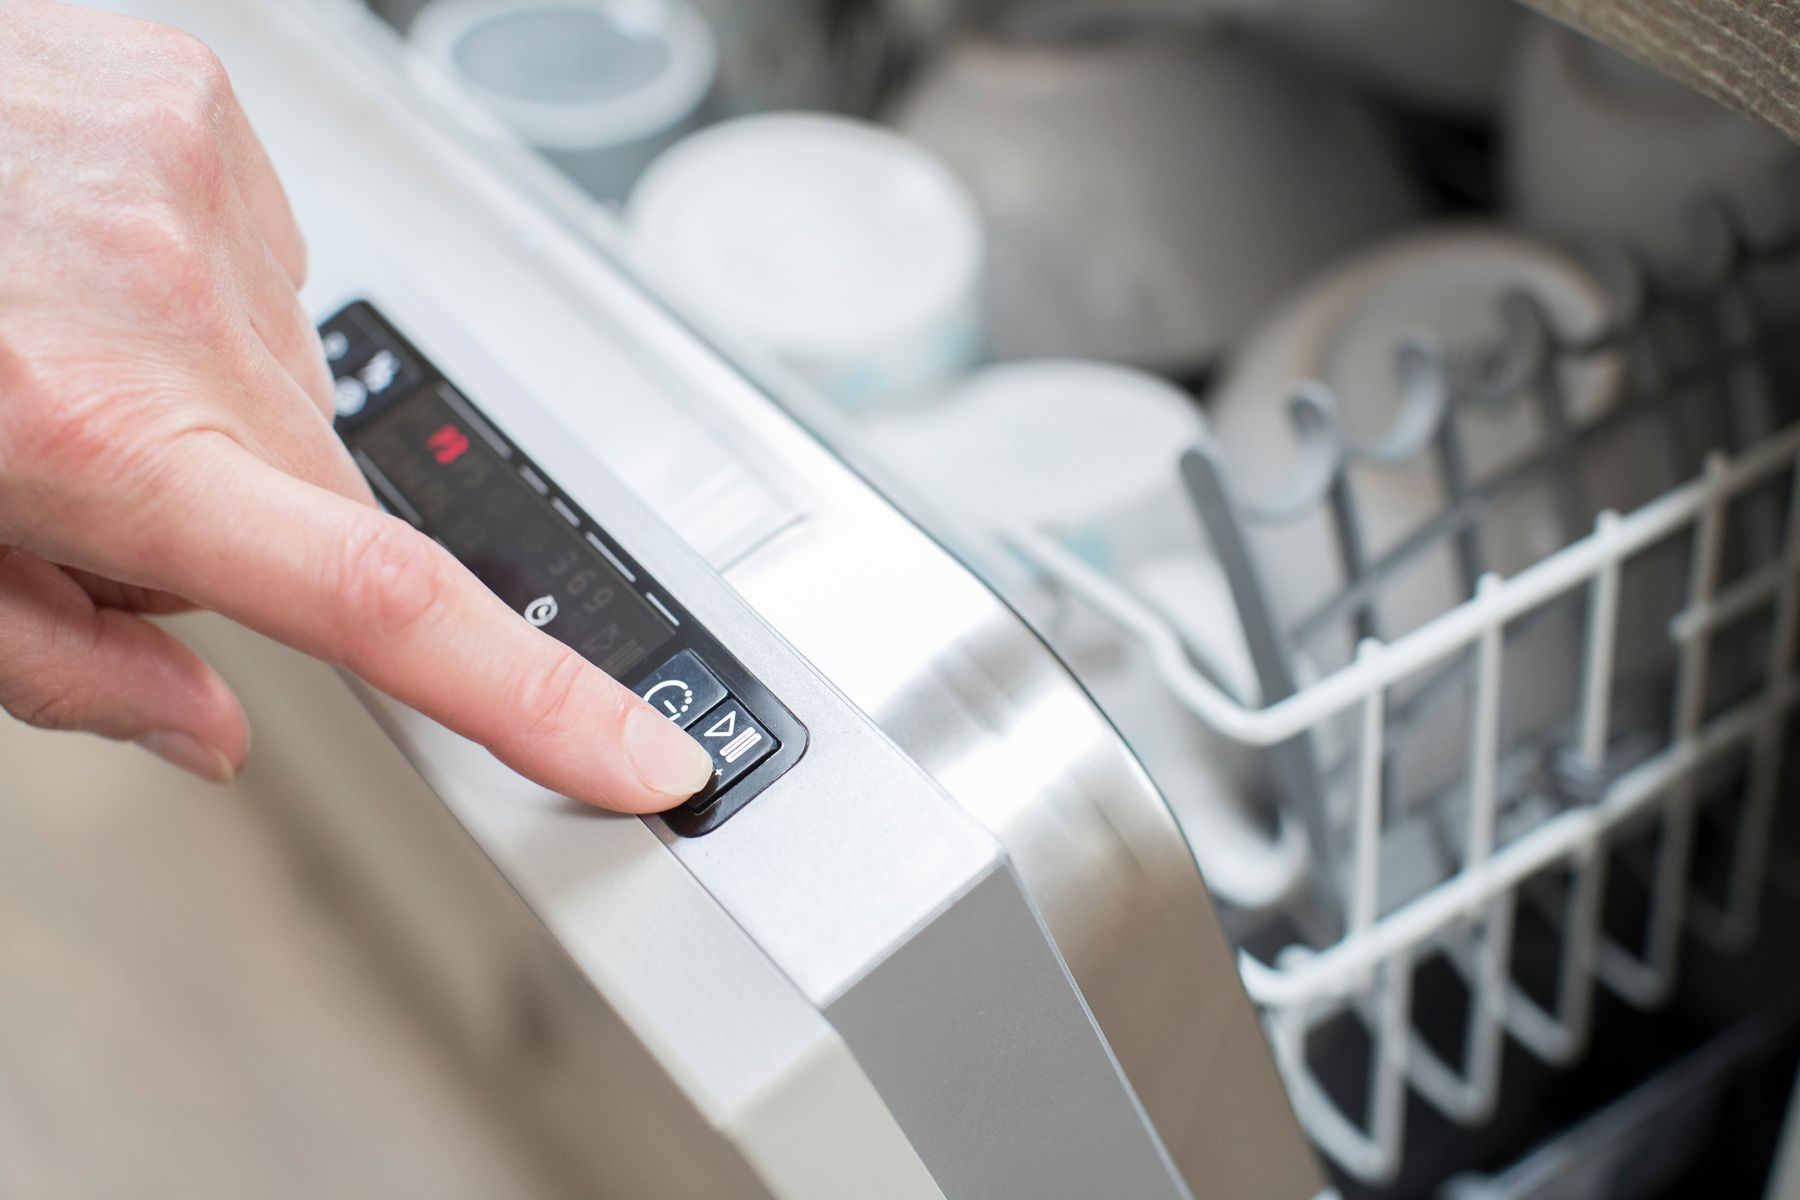 nguyên lý hoạt động của máy rửa chén